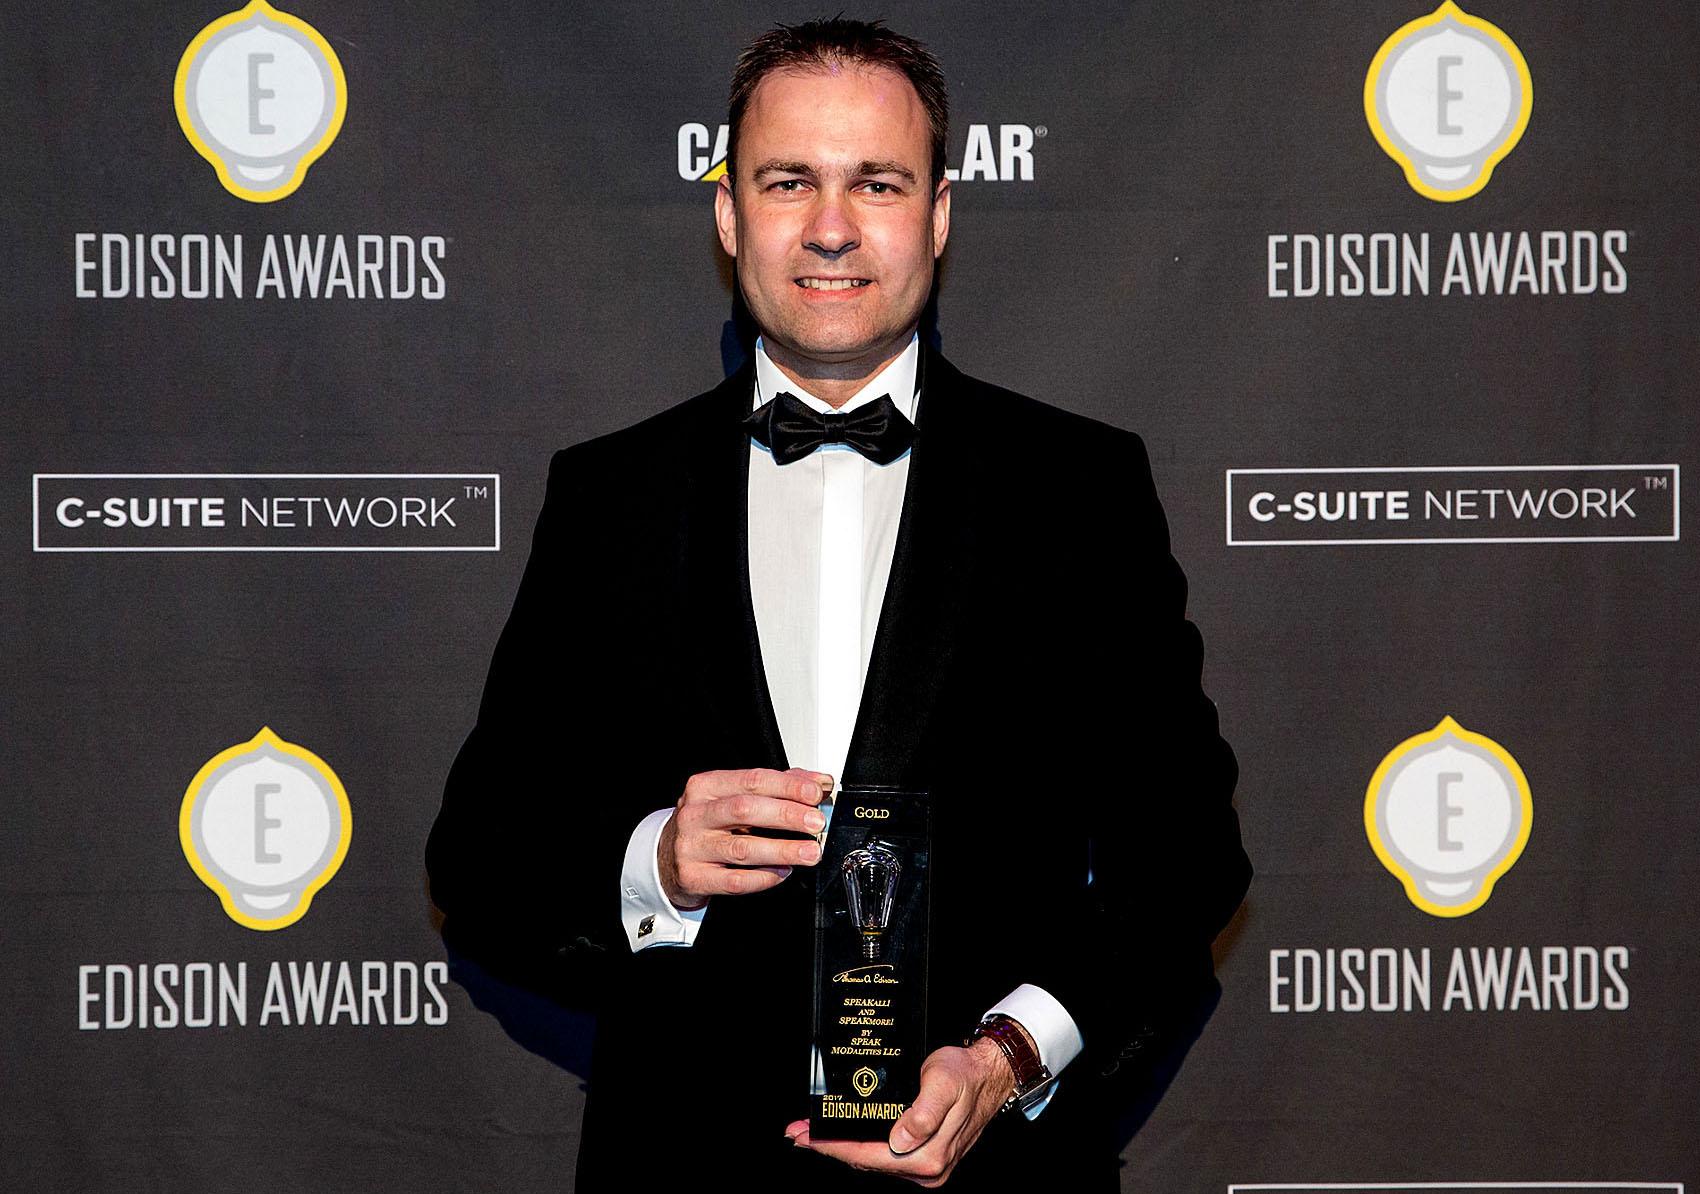 Dr. Oliver Wendt receives the 2017 Edison Gold Award